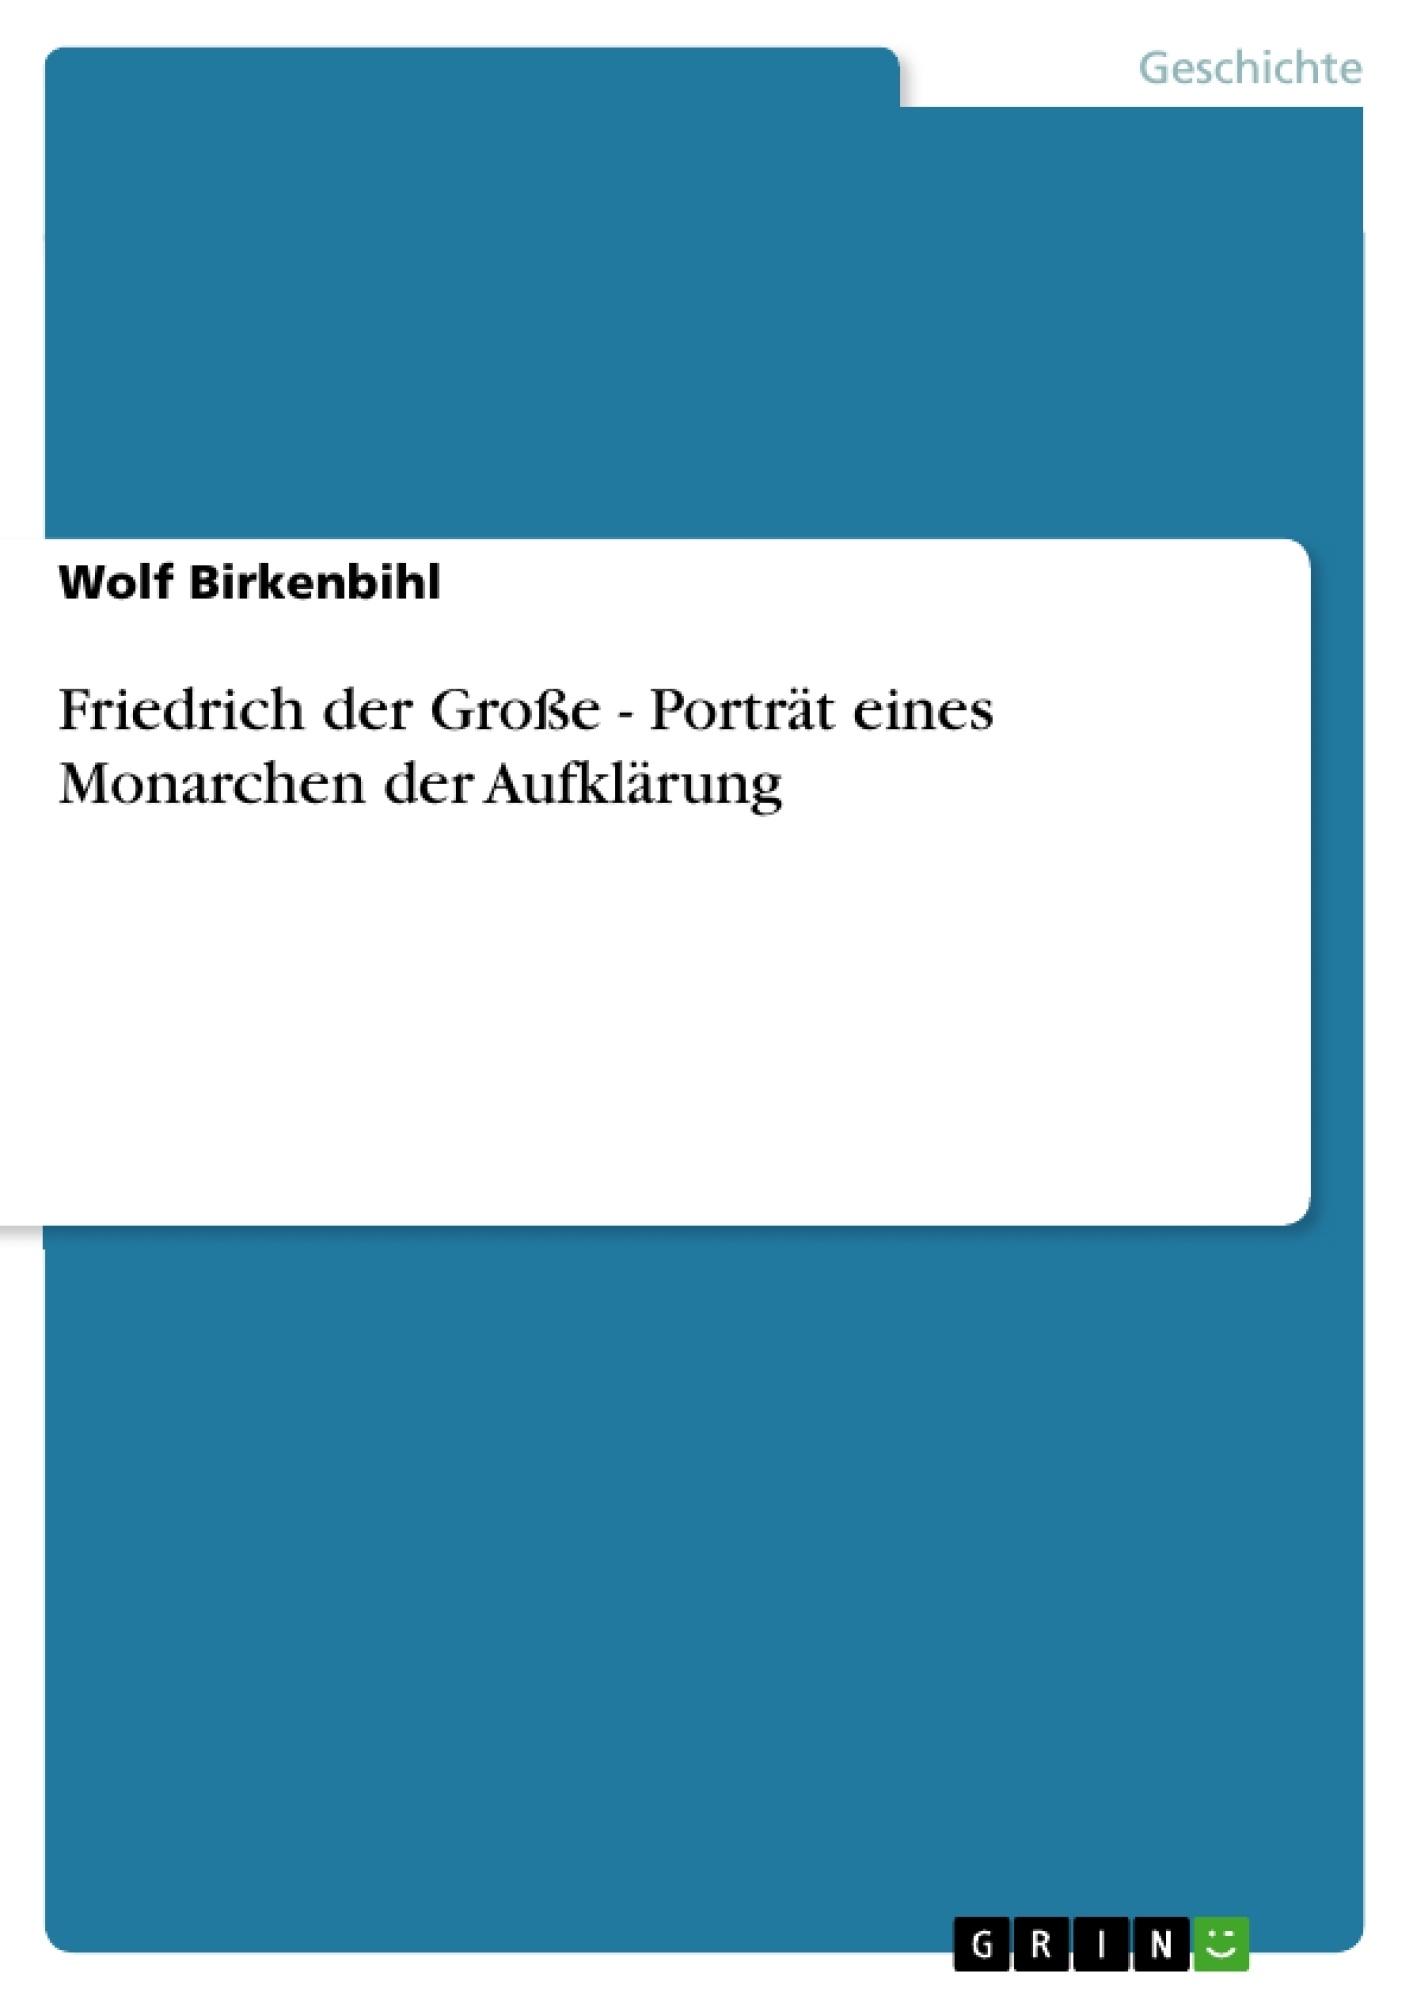 Titel: Friedrich der Große - Porträt eines Monarchen der Aufklärung